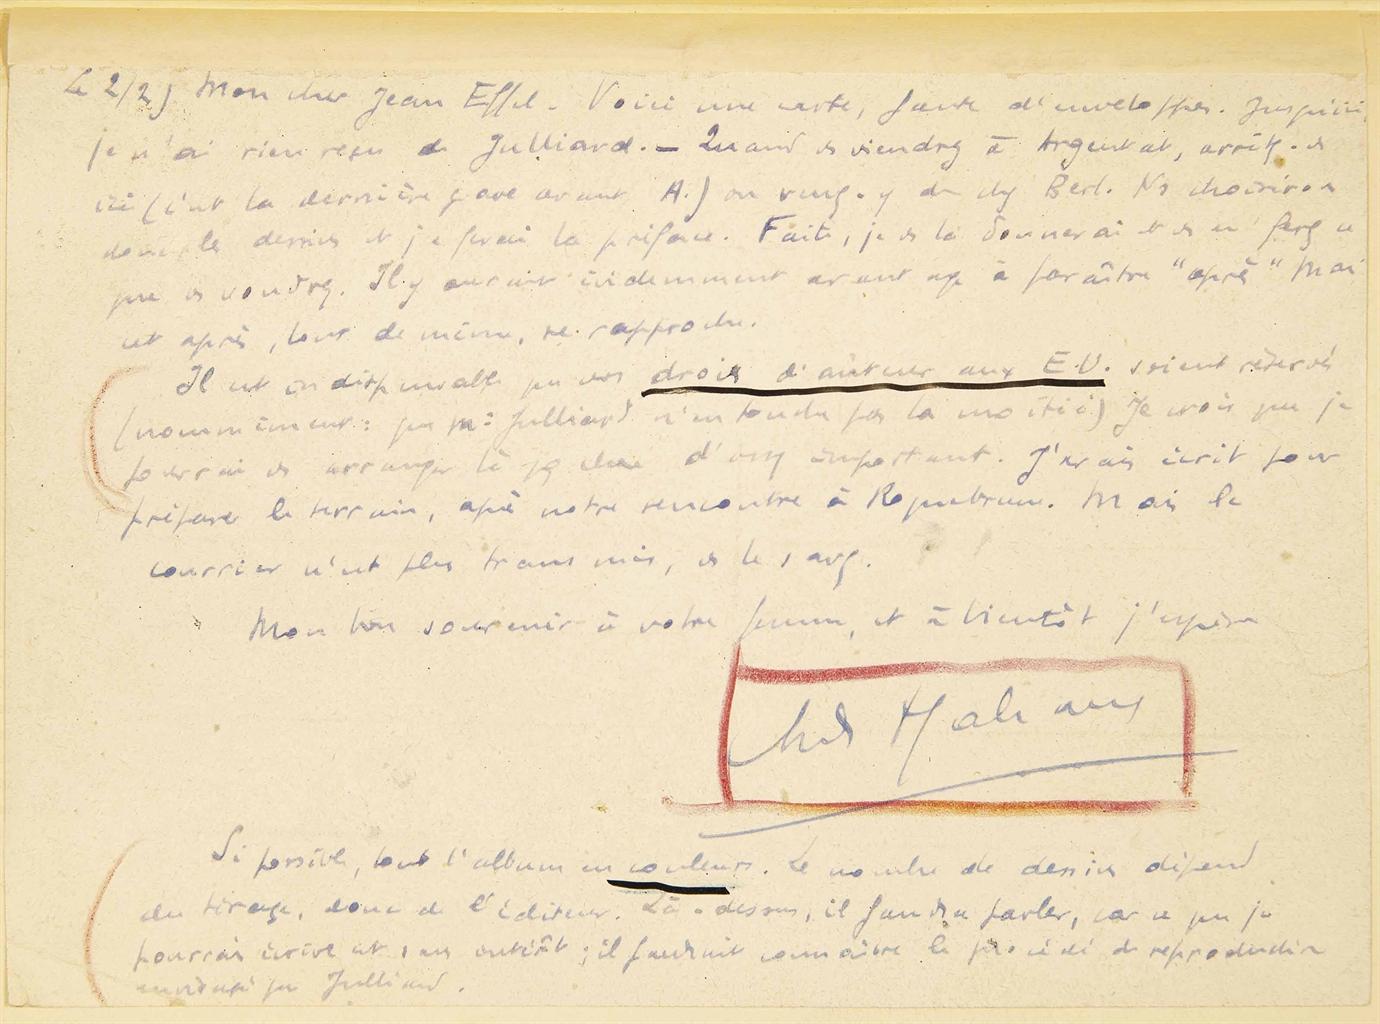 André MALRAUX (1901-1976). L'Espoir. Paris: NRF, 15 décembre 1937. In-8 (201 x 130 mm). Reliure non signée, demi-maroquin vert lierre à fines bandes, dos lisse, tête dorée, couverture et dos.